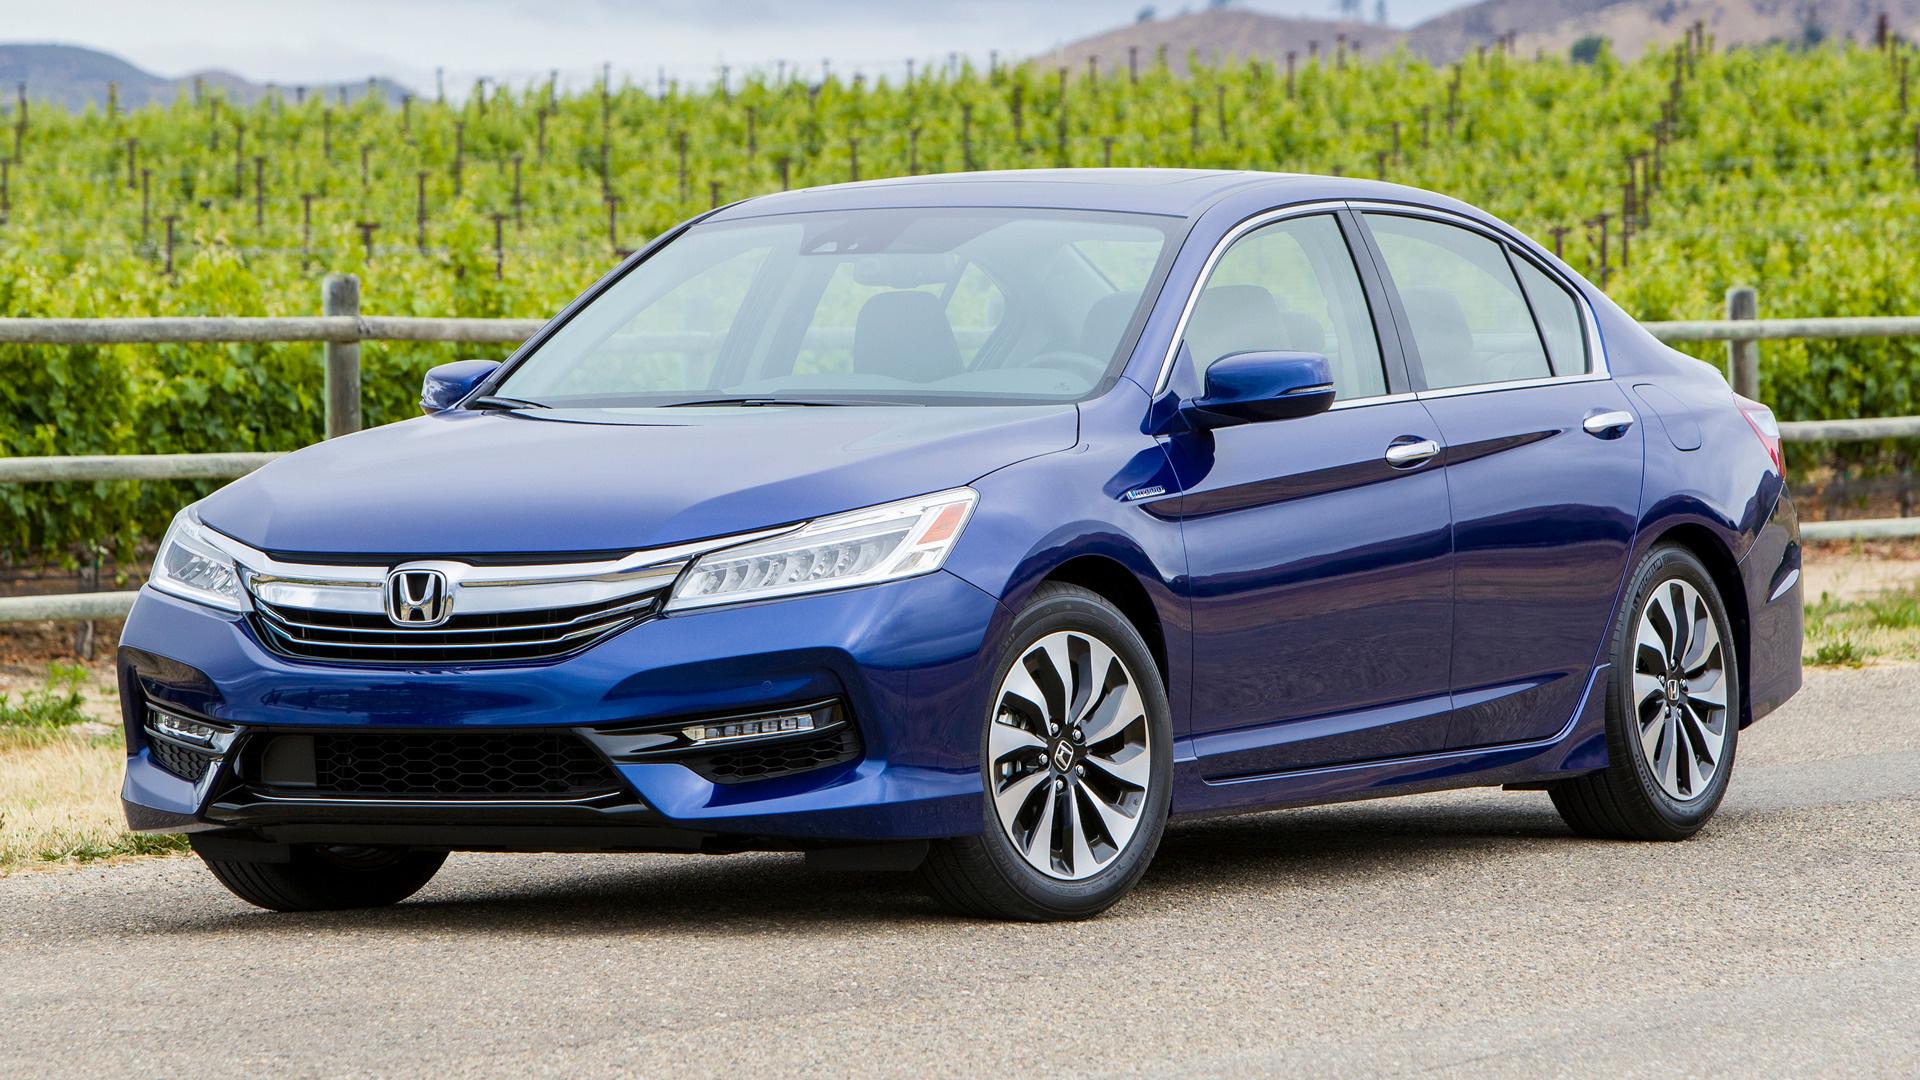 2012 Honda Accord Exl V6 Honda Accord Hybrid Touring (2017) US Wallpapers and HD ...